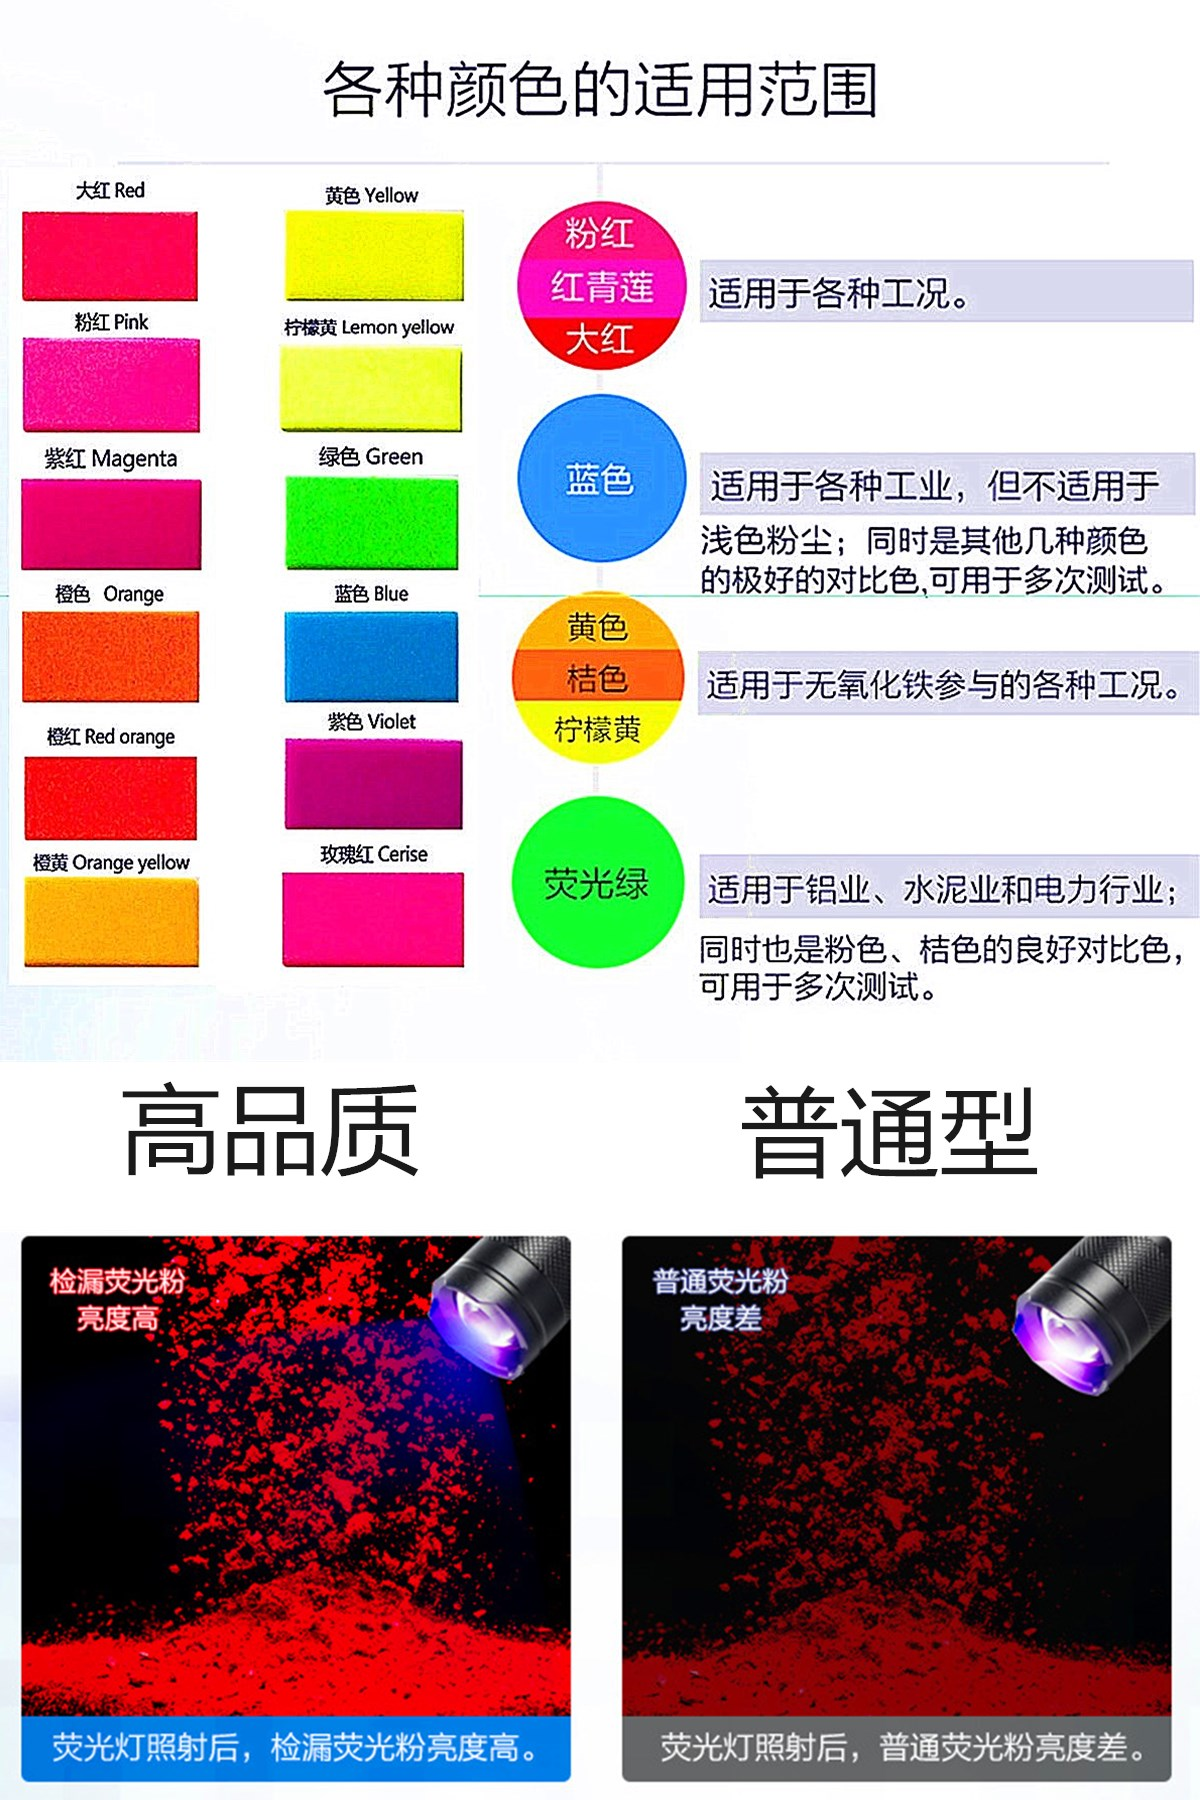 荧光粉用途.jpg